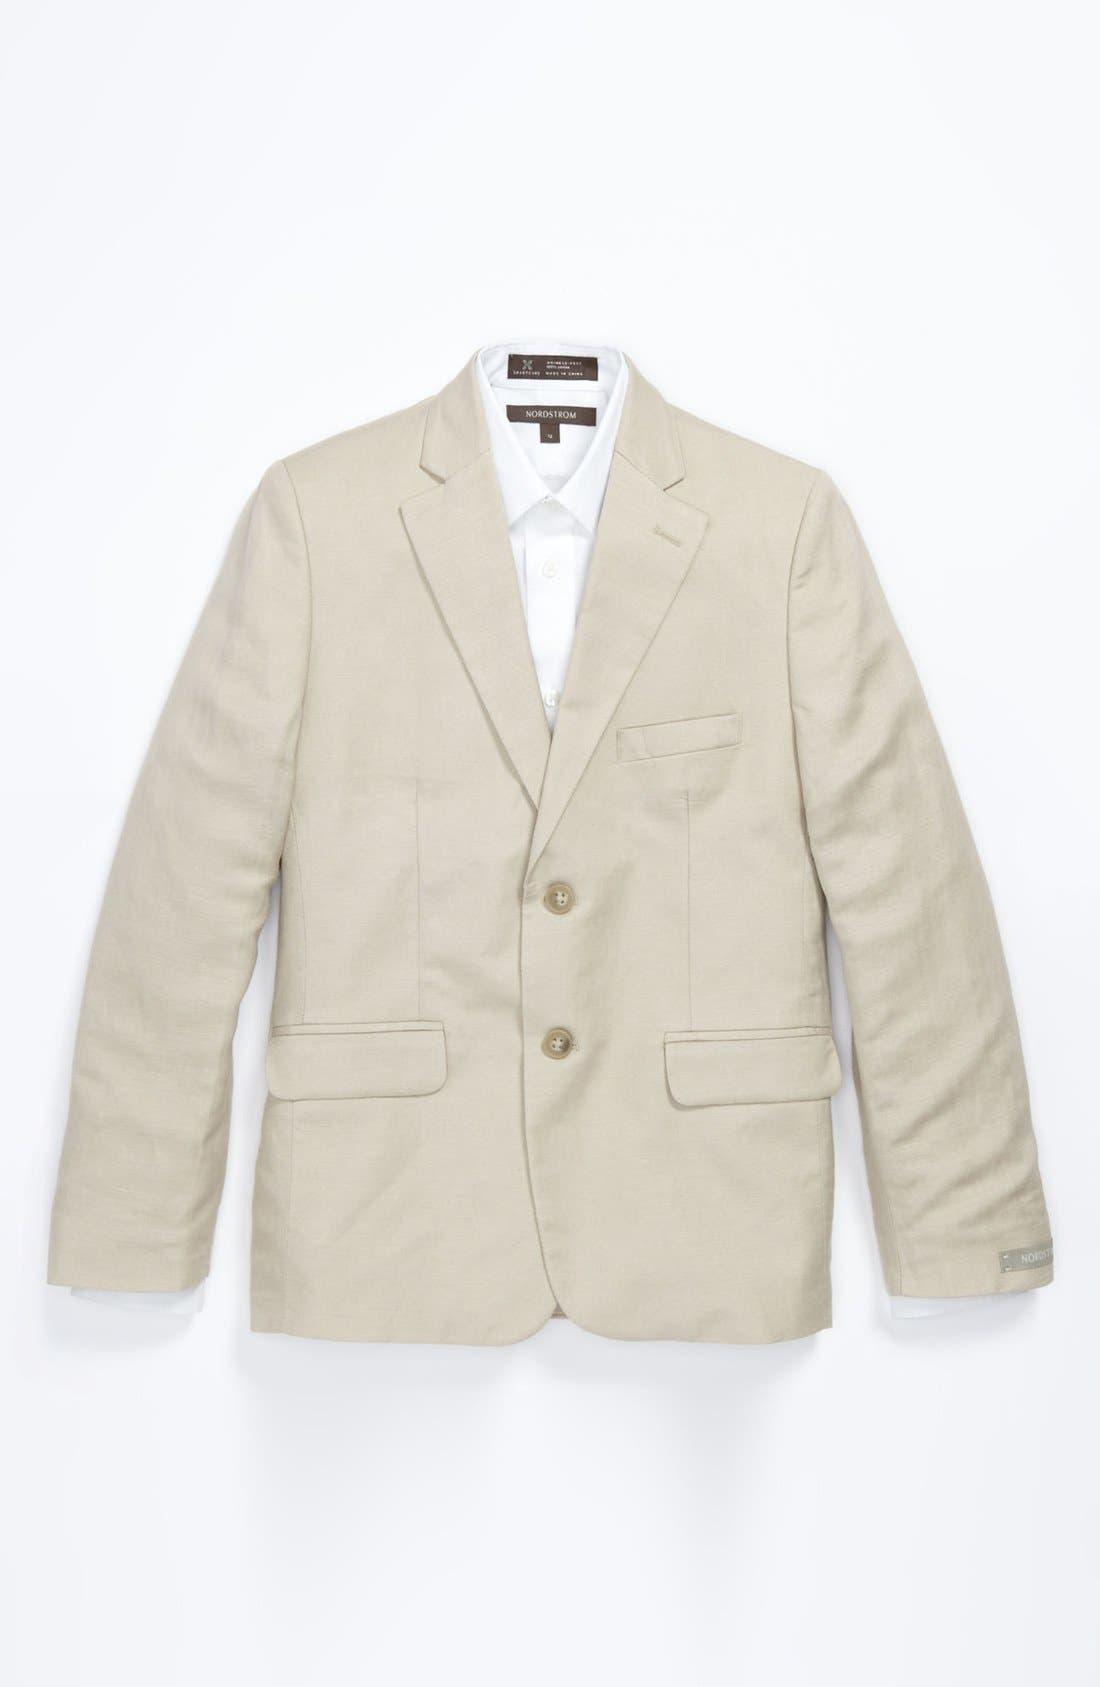 Alternate Image 1 Selected - Nordstrom 'Christopher' Linen Blend Blazer (Big Boys)